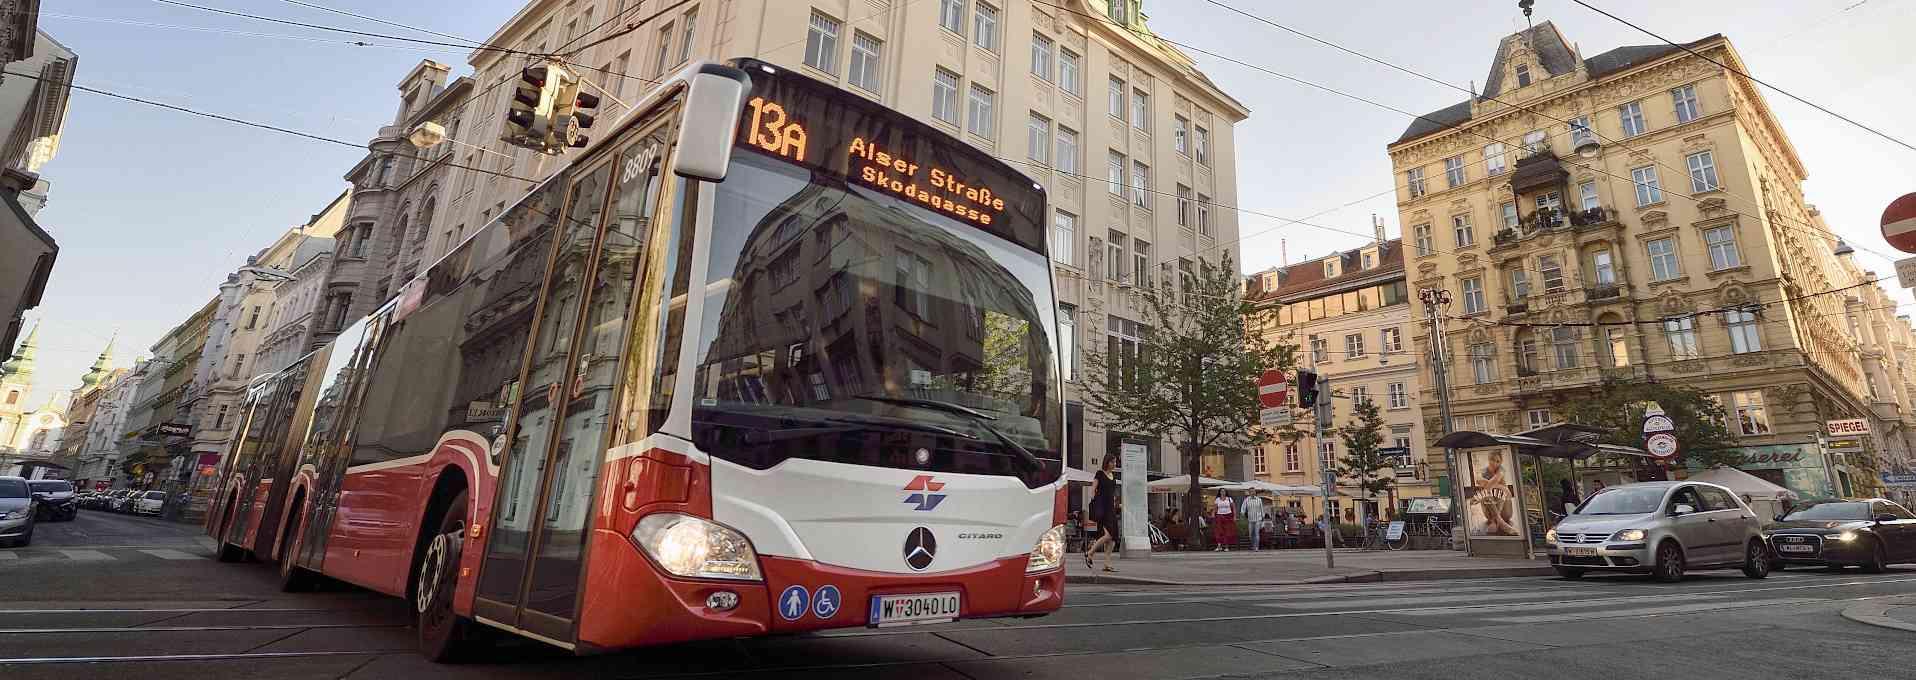 Autobus der Linie 13A am Siebensternplatz.